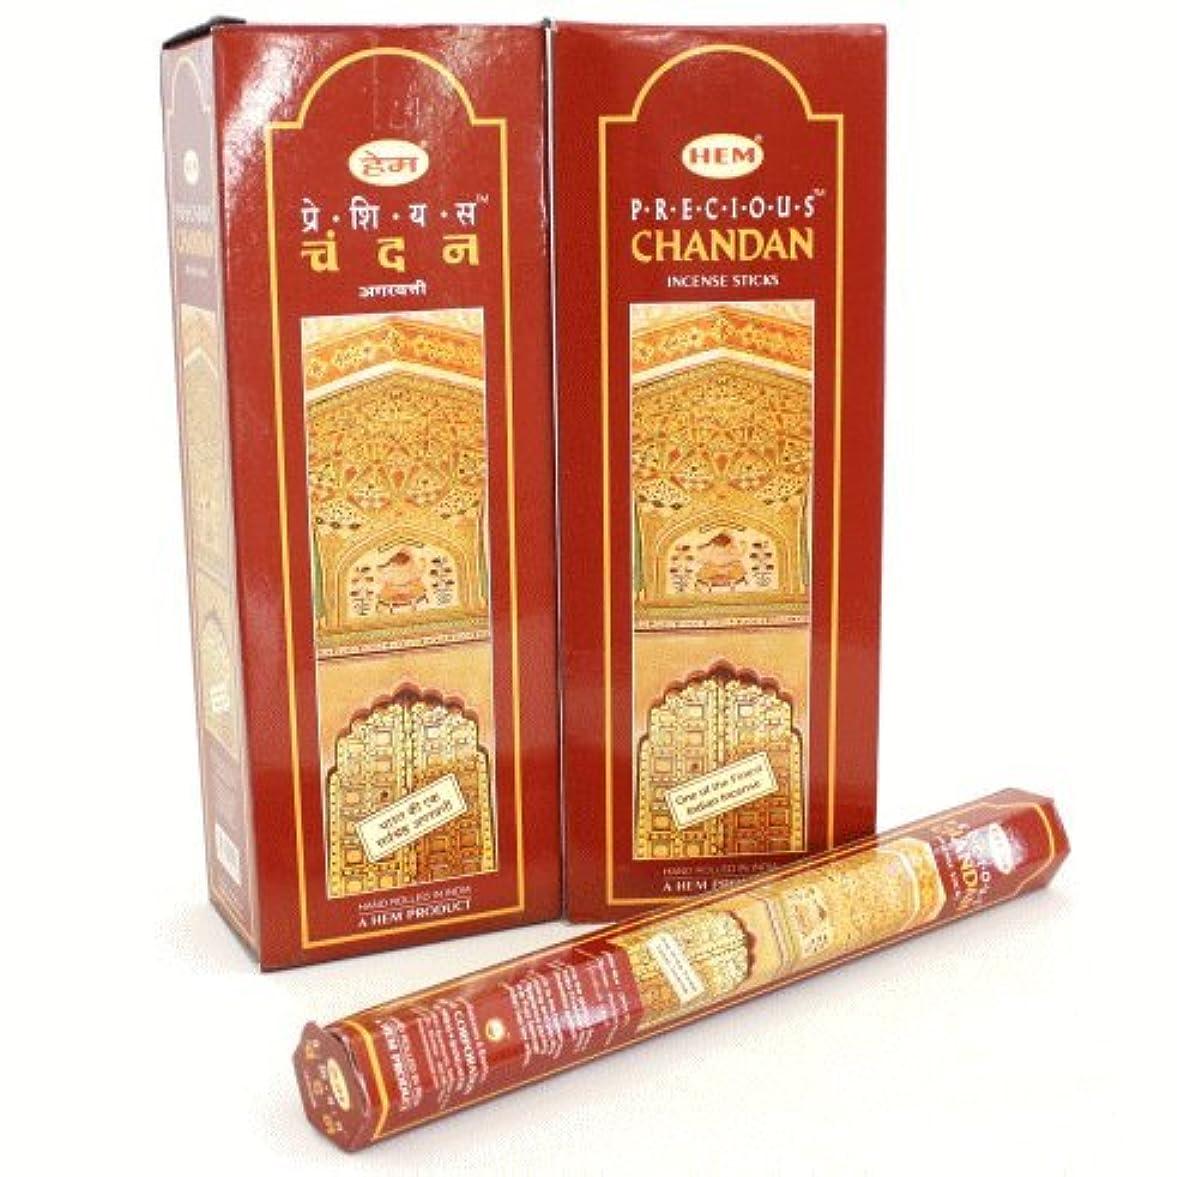 縫う歴史コウモリHEM チャンダン香 スティック ヘキサパック(六角) 12箱セット HEM CHANDAN